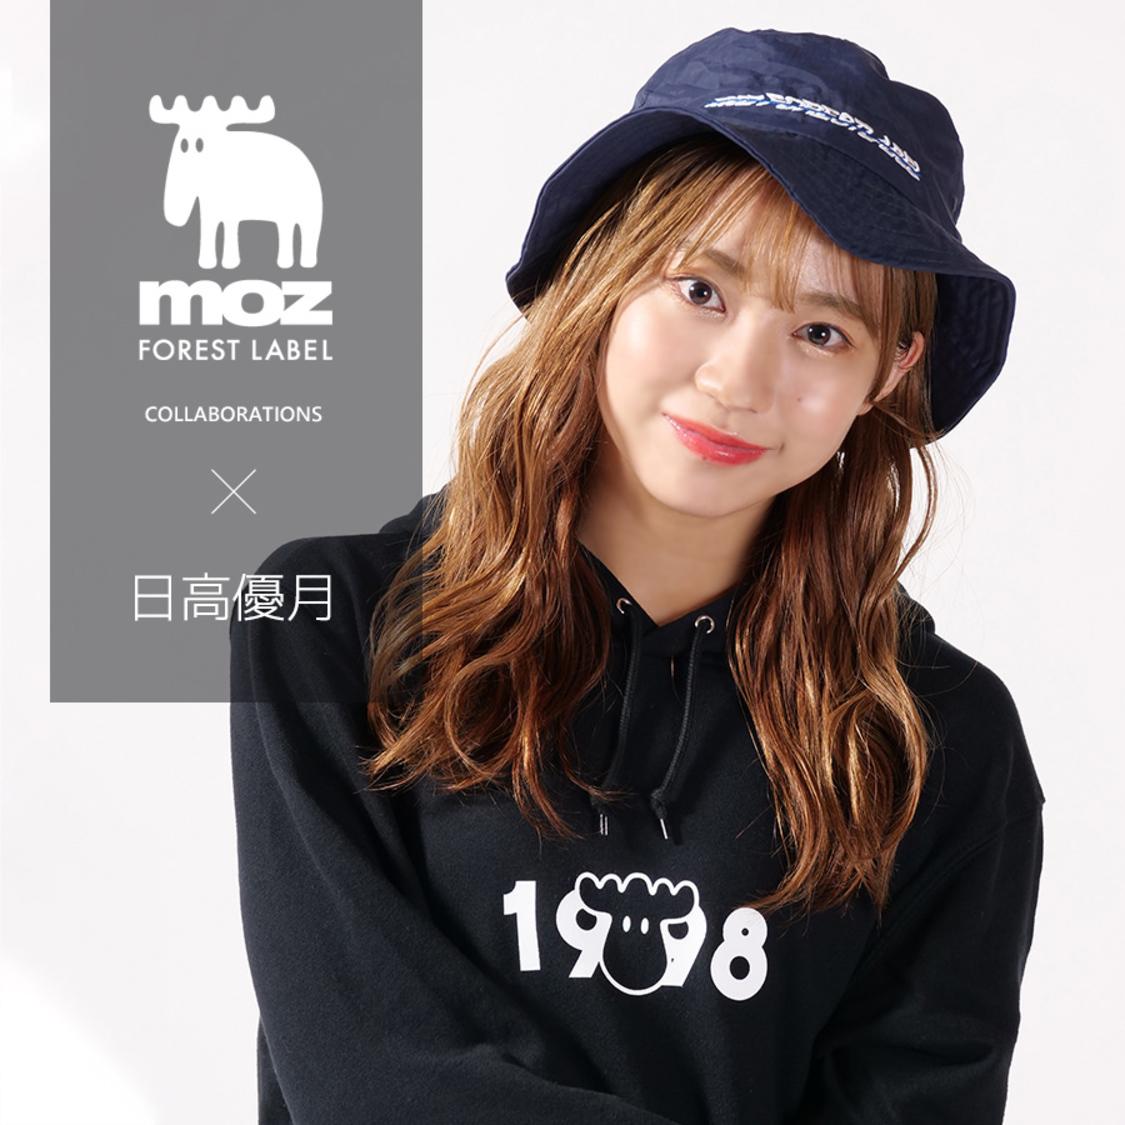 SKE48 日高優月、moz FOREST LABELとのコラボアイテム発売! 「みなさんに着てもらえたら嬉しいです」